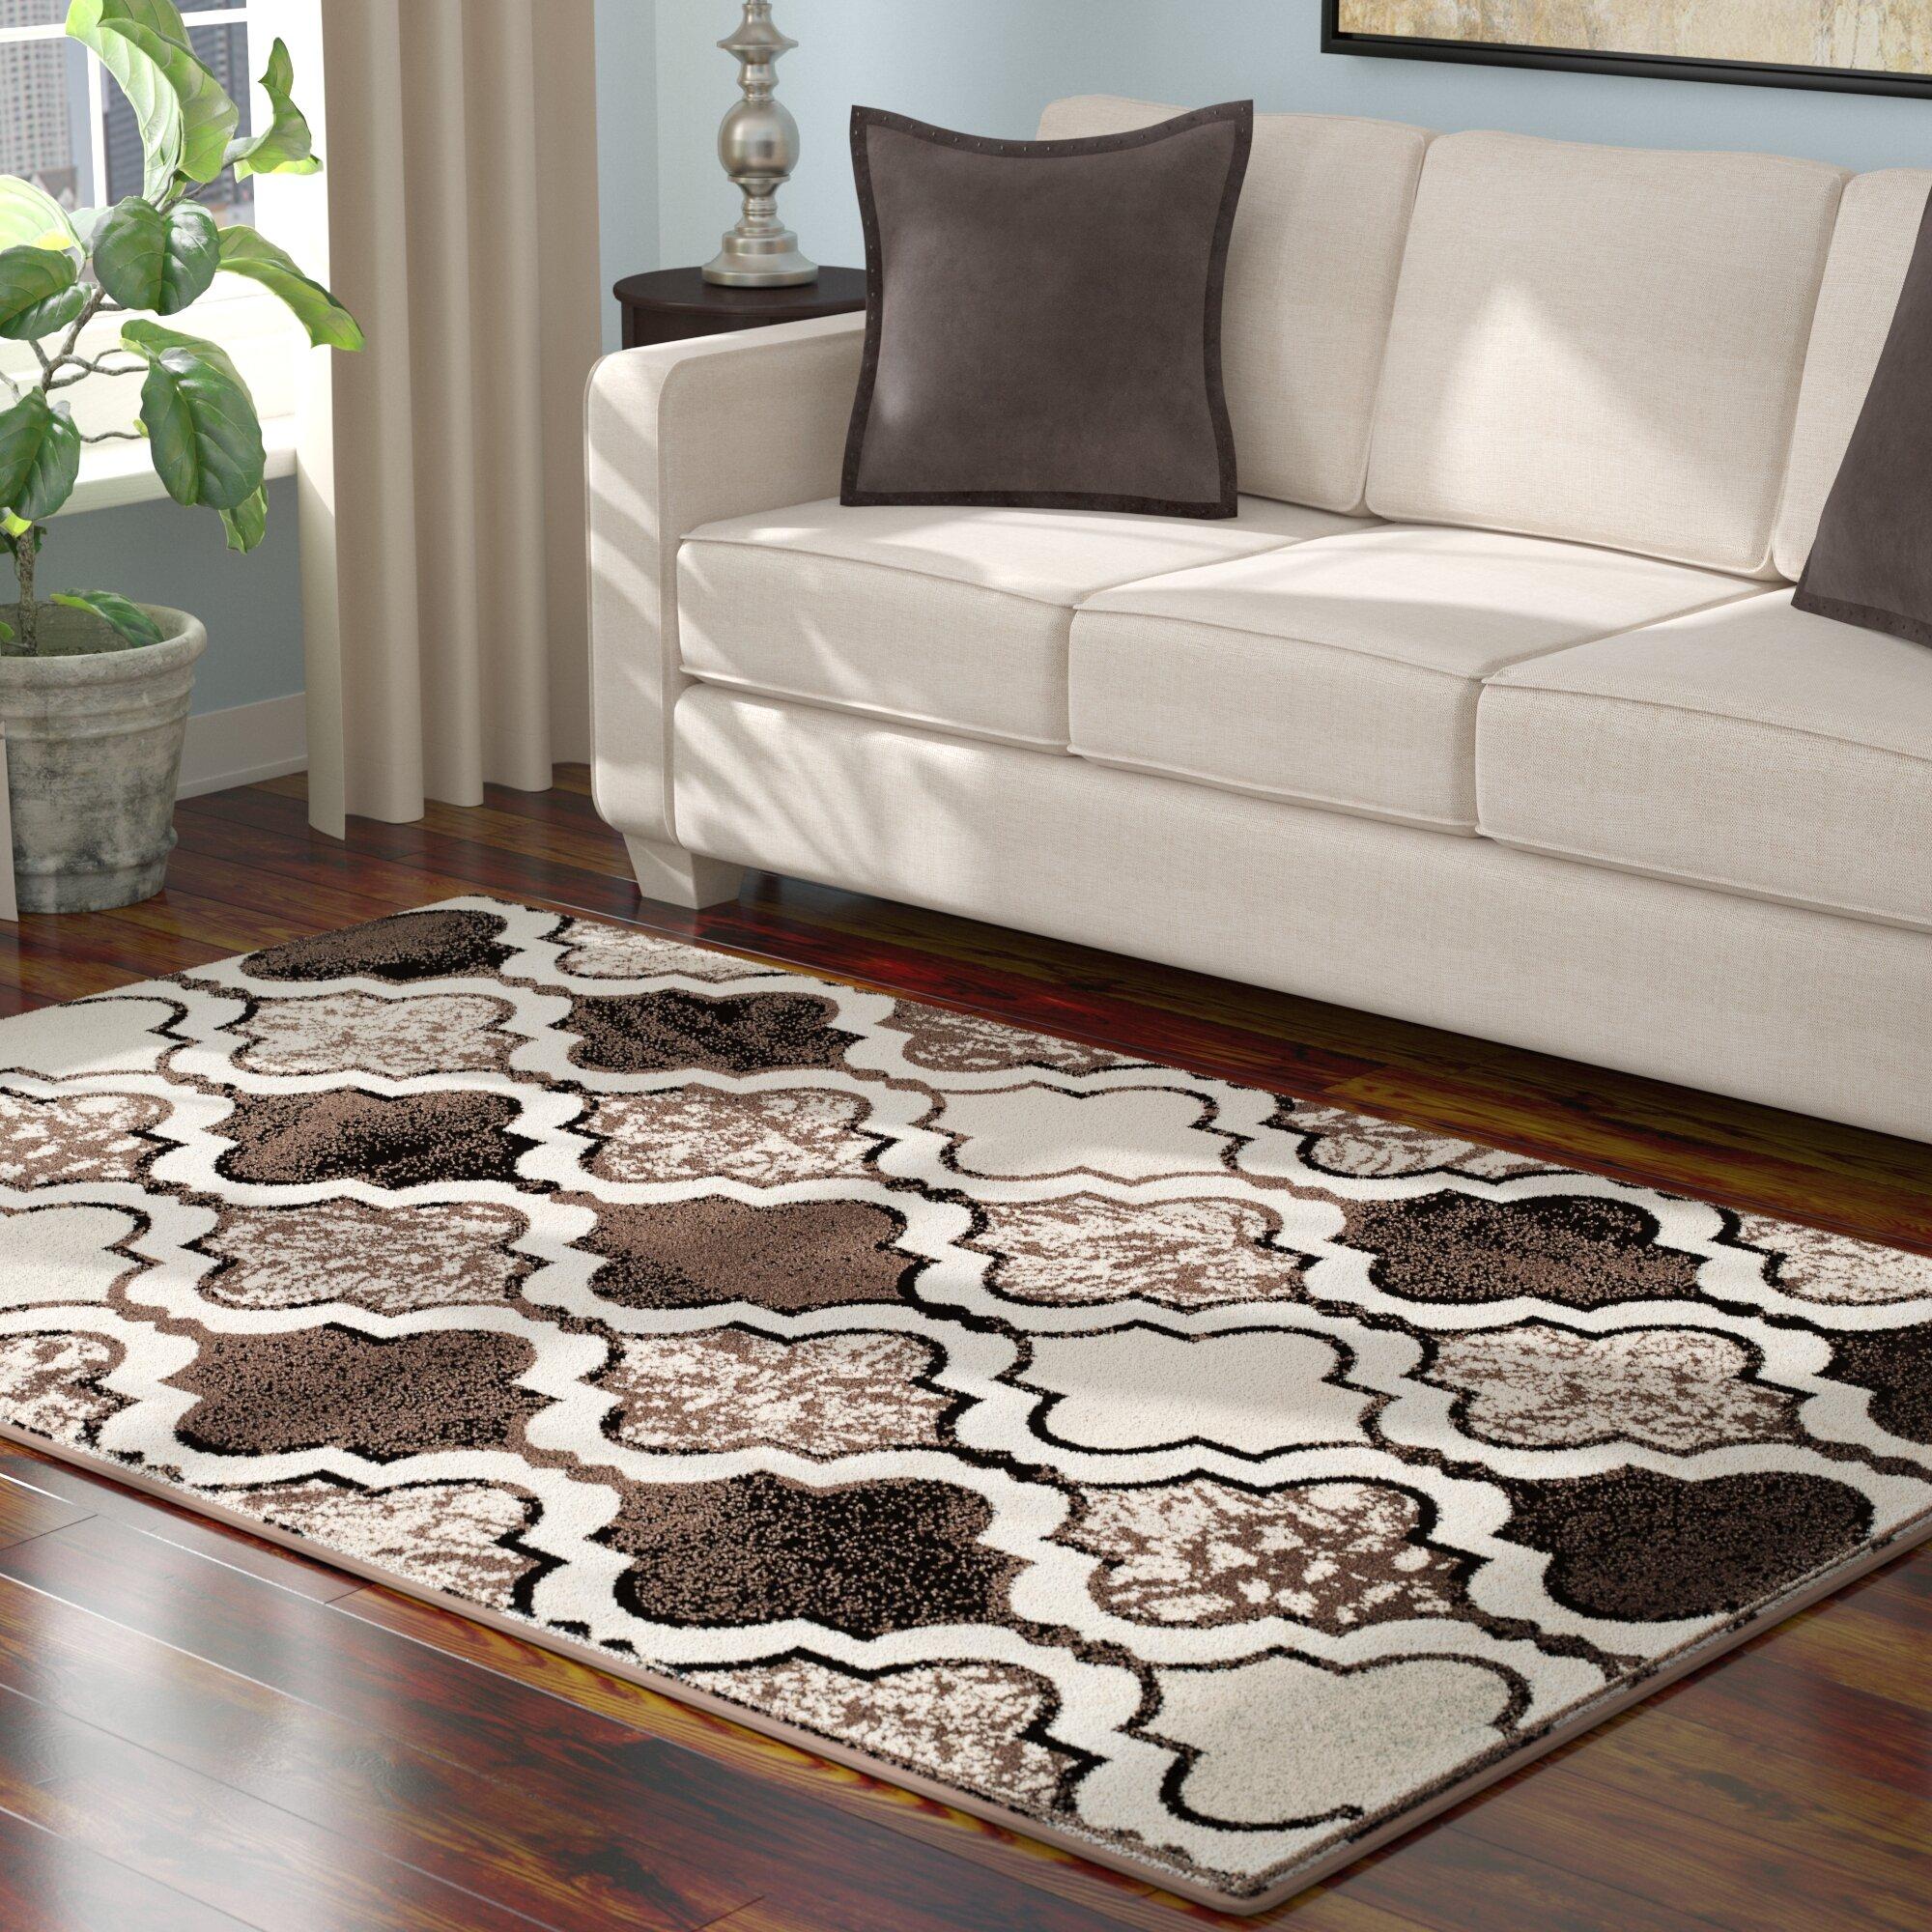 zipcode wayfair reviews bullock pdx area design rugs trellis navy moroccan rug